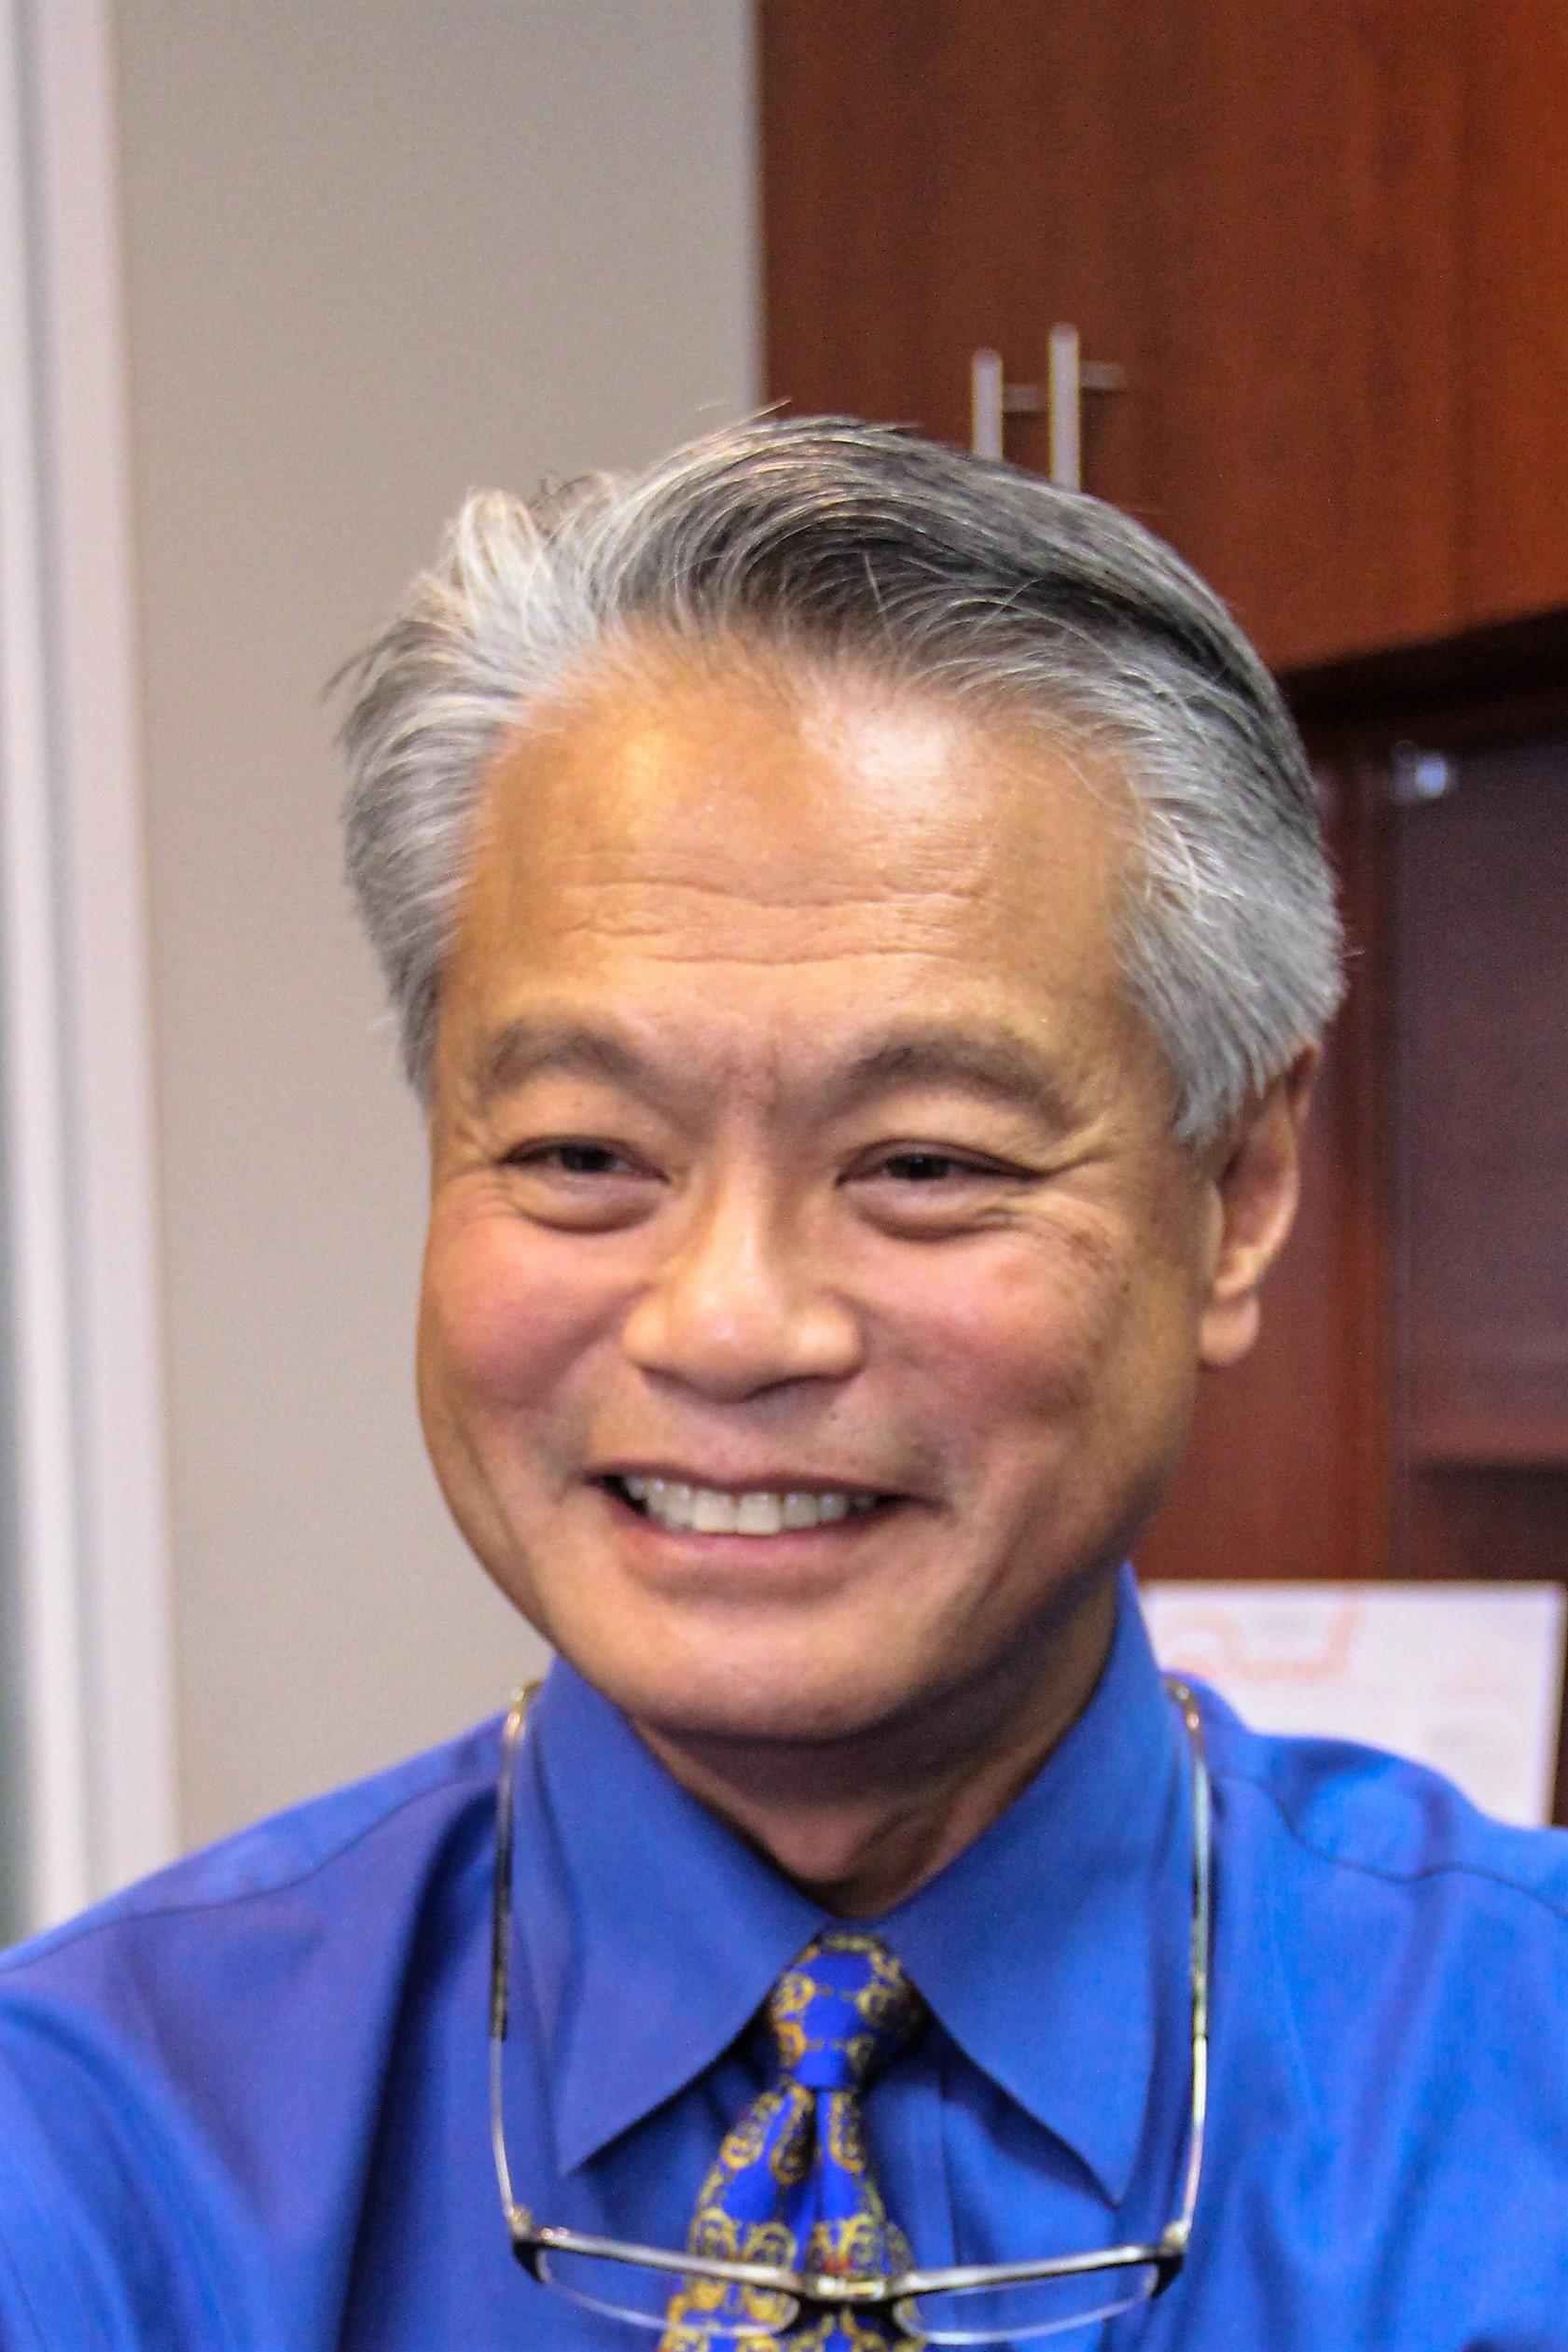 Antonio E. Mangubat, MD